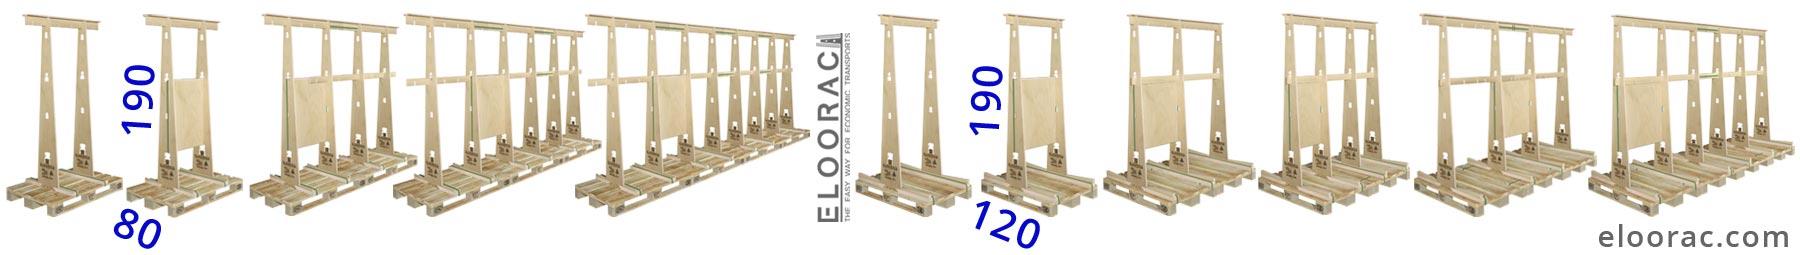 Abbildung von verschiedenen Eloorac Fenster Transport Gestellen vom Typ T4HR... Die Variationsvielfalt die man mit Eloorac Produkten erreicht, ist hier recht deutlich zu erkennen. Diese Fenster Gestelle können auch für den Transport von Schiebetür-Anlagen, Haustüren, Fassadenelementen oder Glas Paneelen genutzt werden.